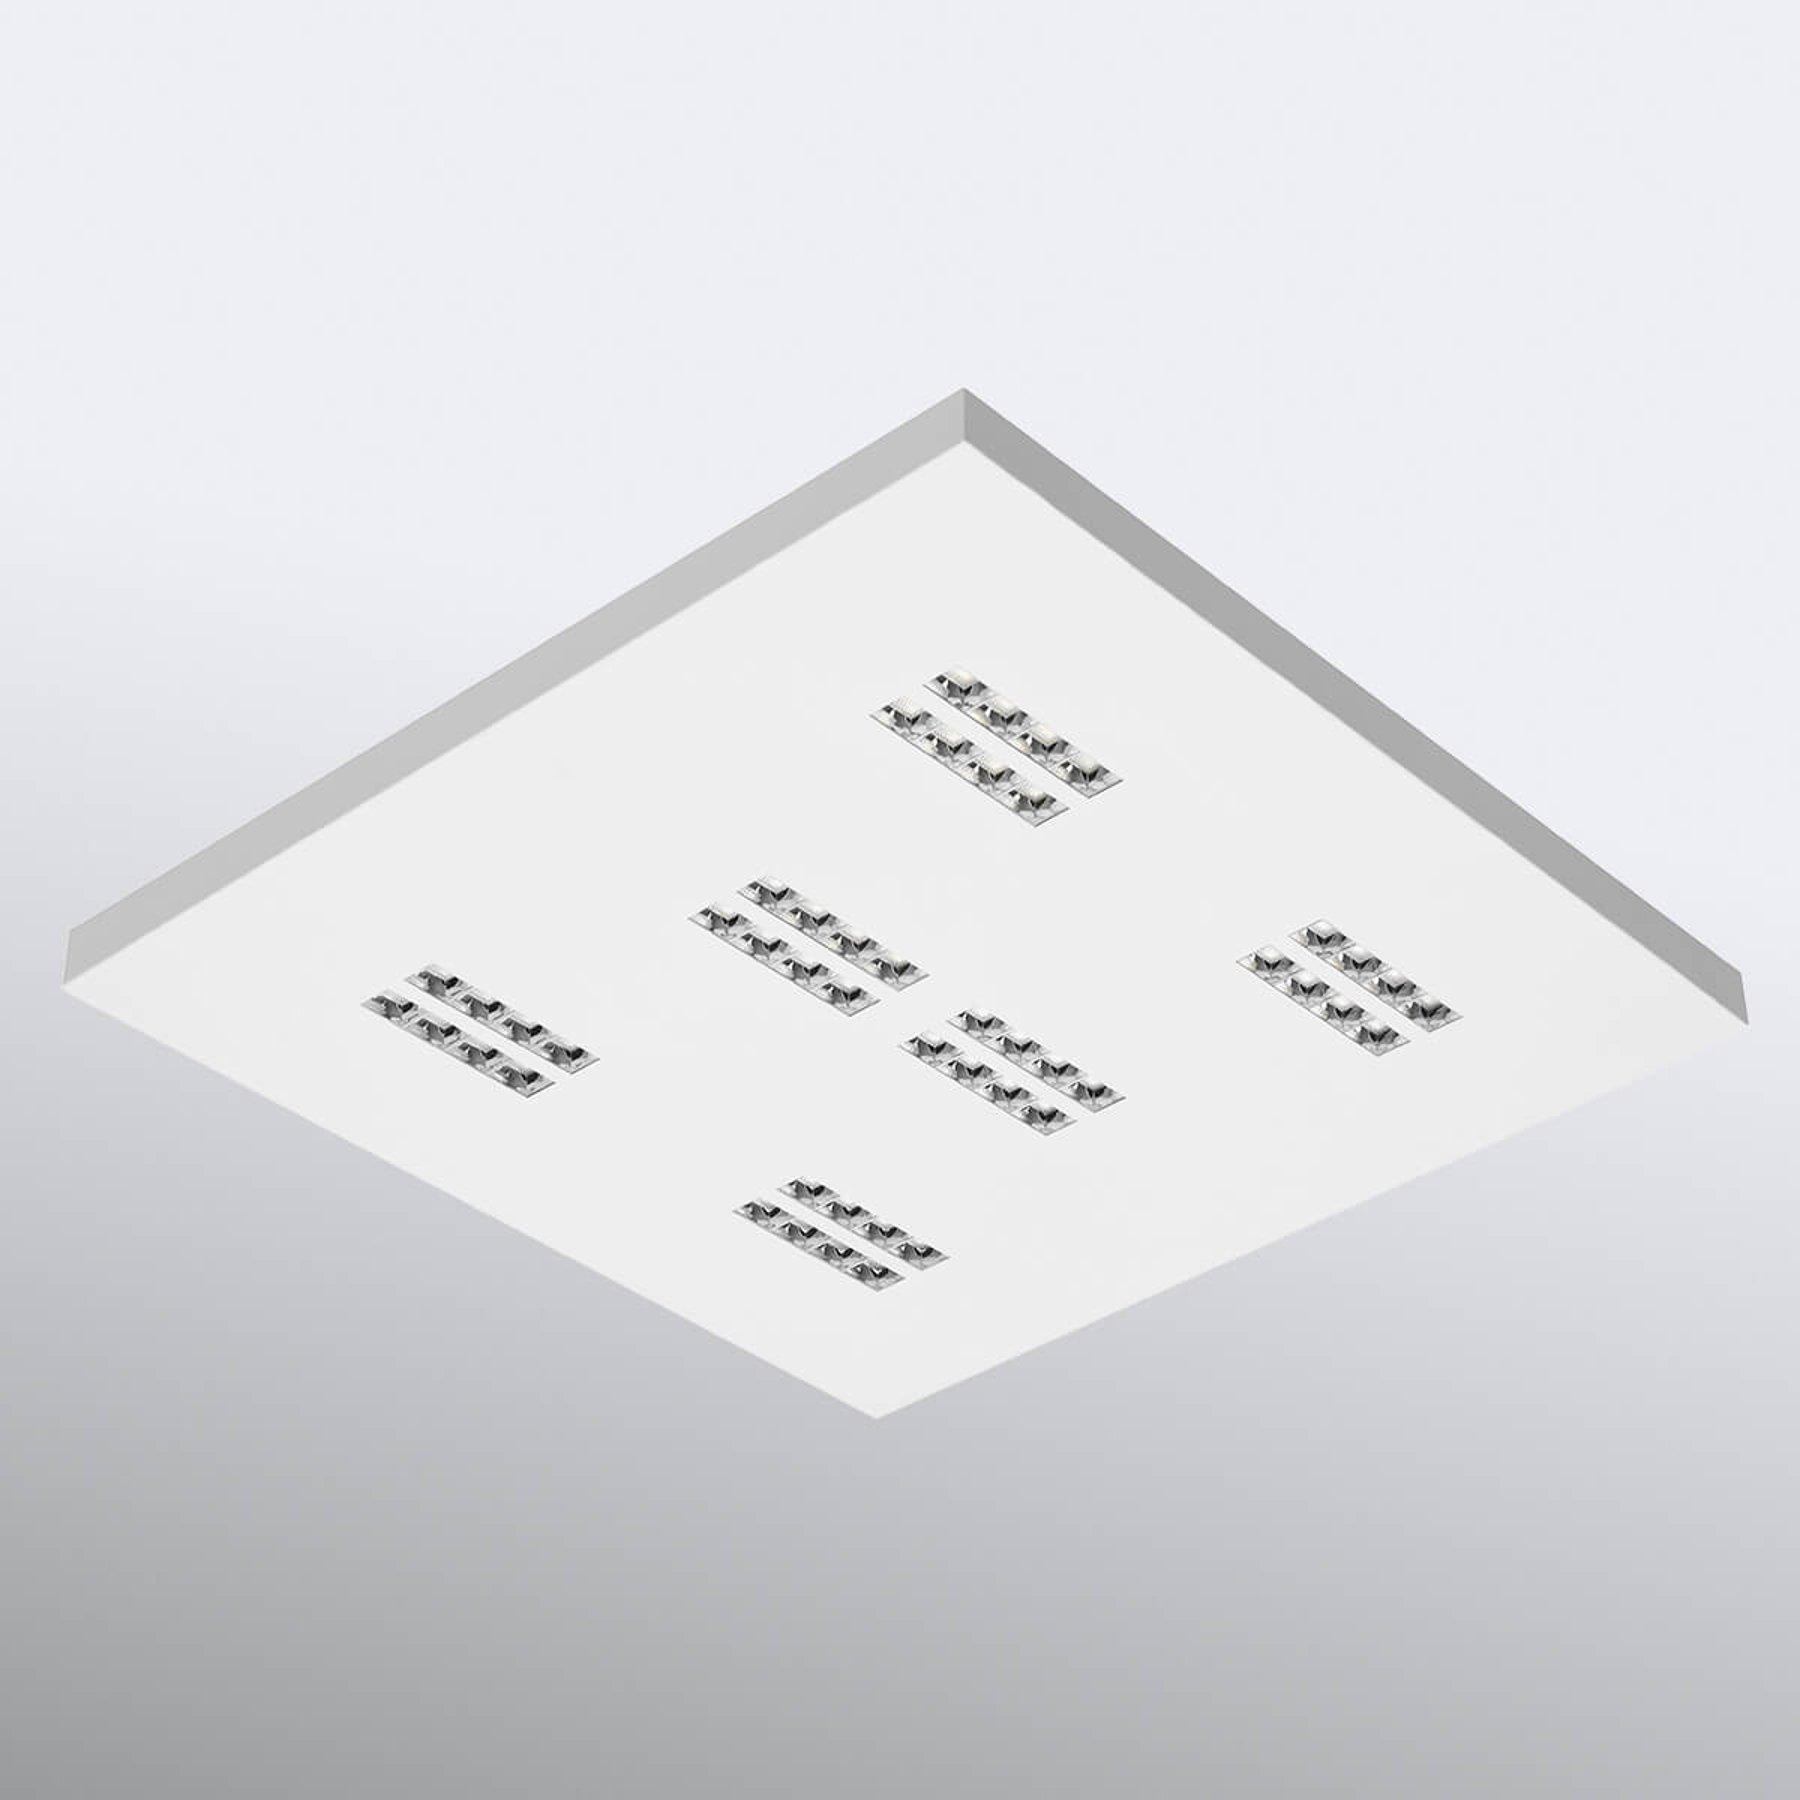 LED-taklampe Declan II SS1 kvadrat, 3 000 K